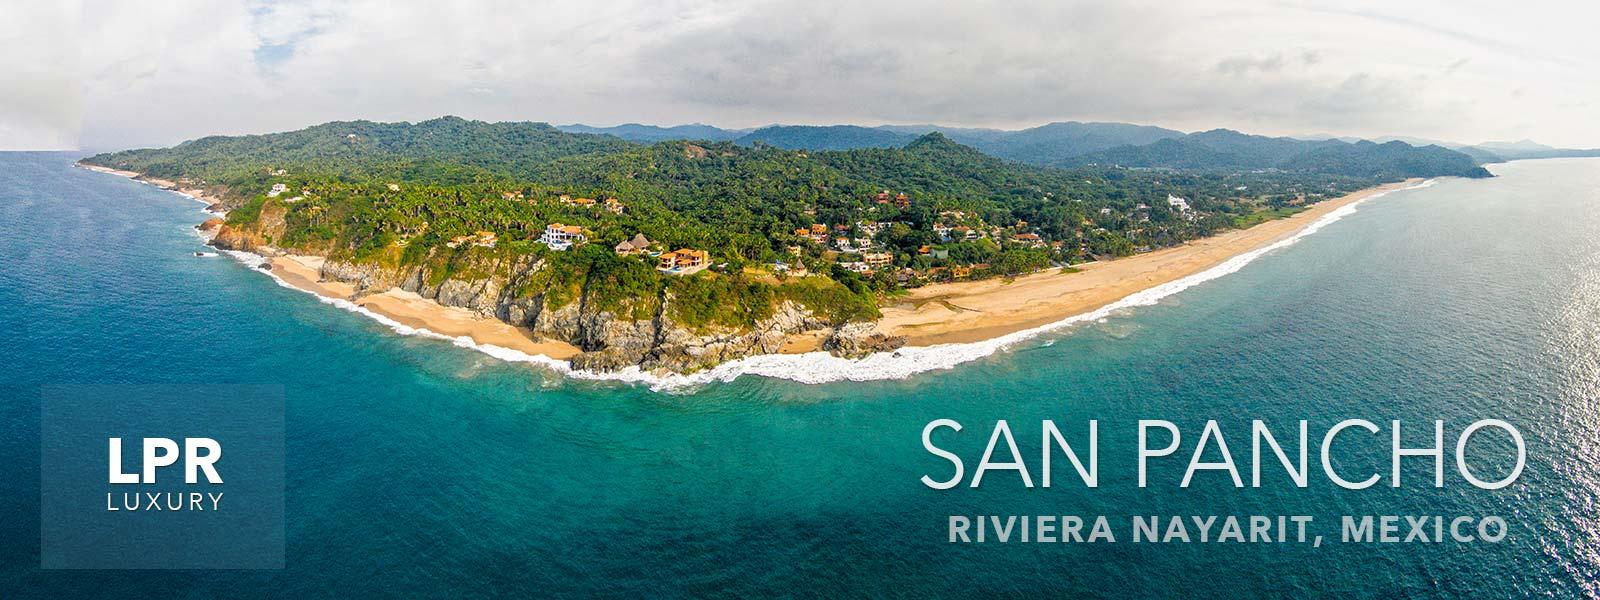 San Pancho beach, Riviera Nayarit, Mexico